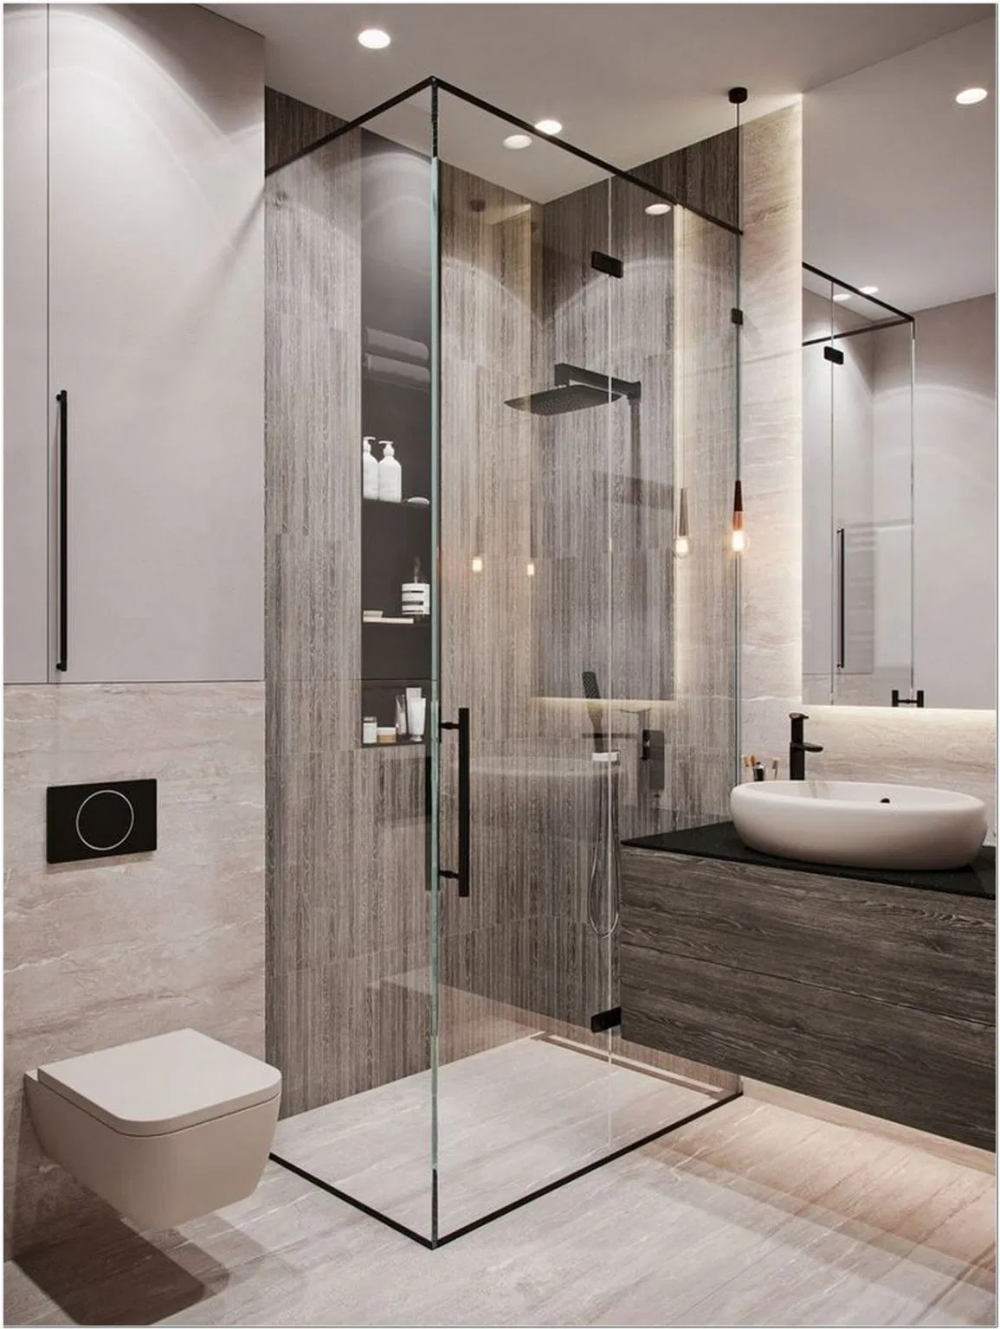 65 Incredible Small Bathroom Remodel Ideas You Must Try 43 In 2020 Bathroom Design Small Bathroom Design Inspiration Bathroom Design